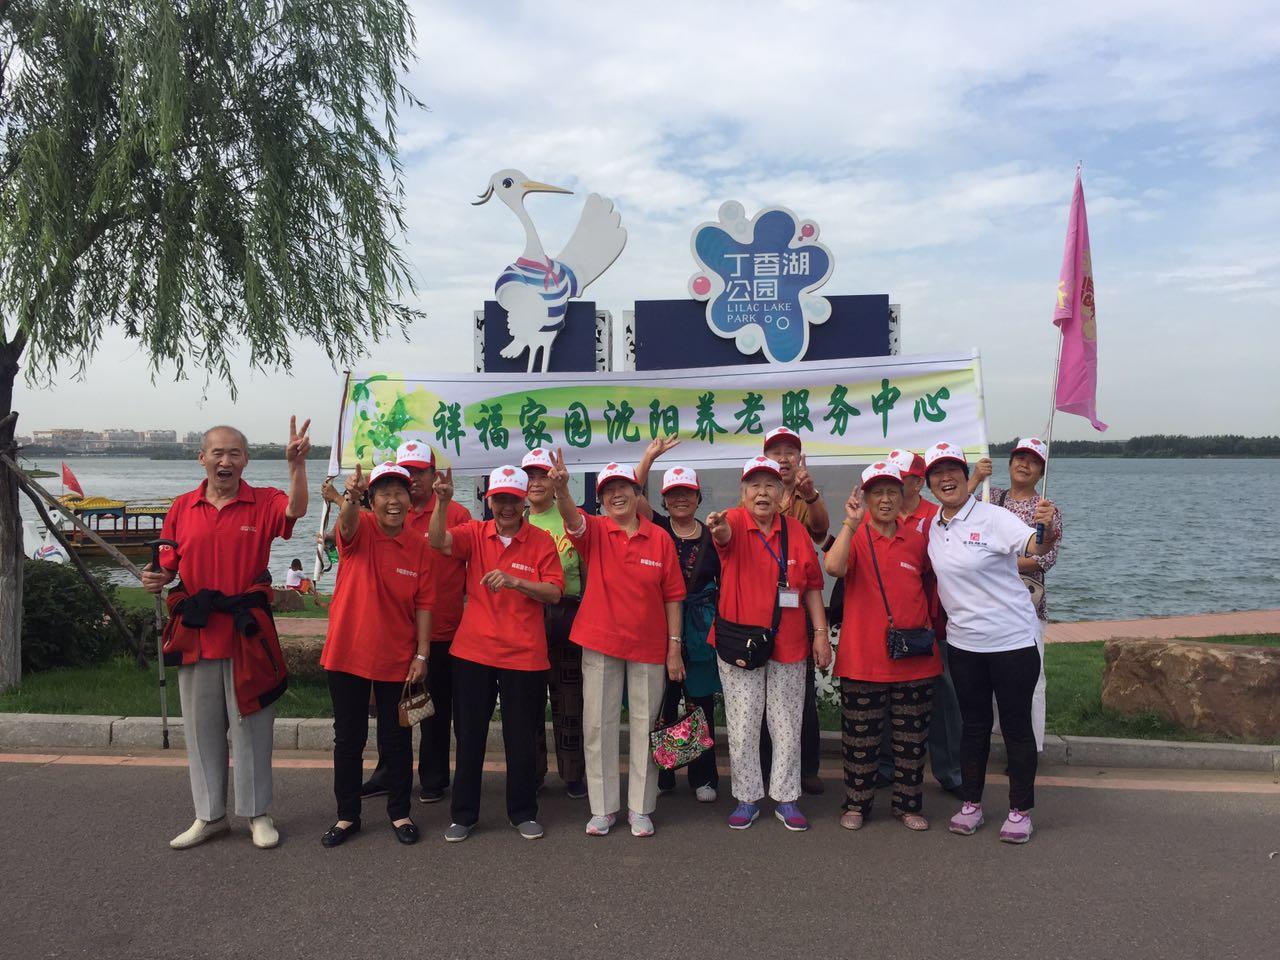 丁香湖郊游